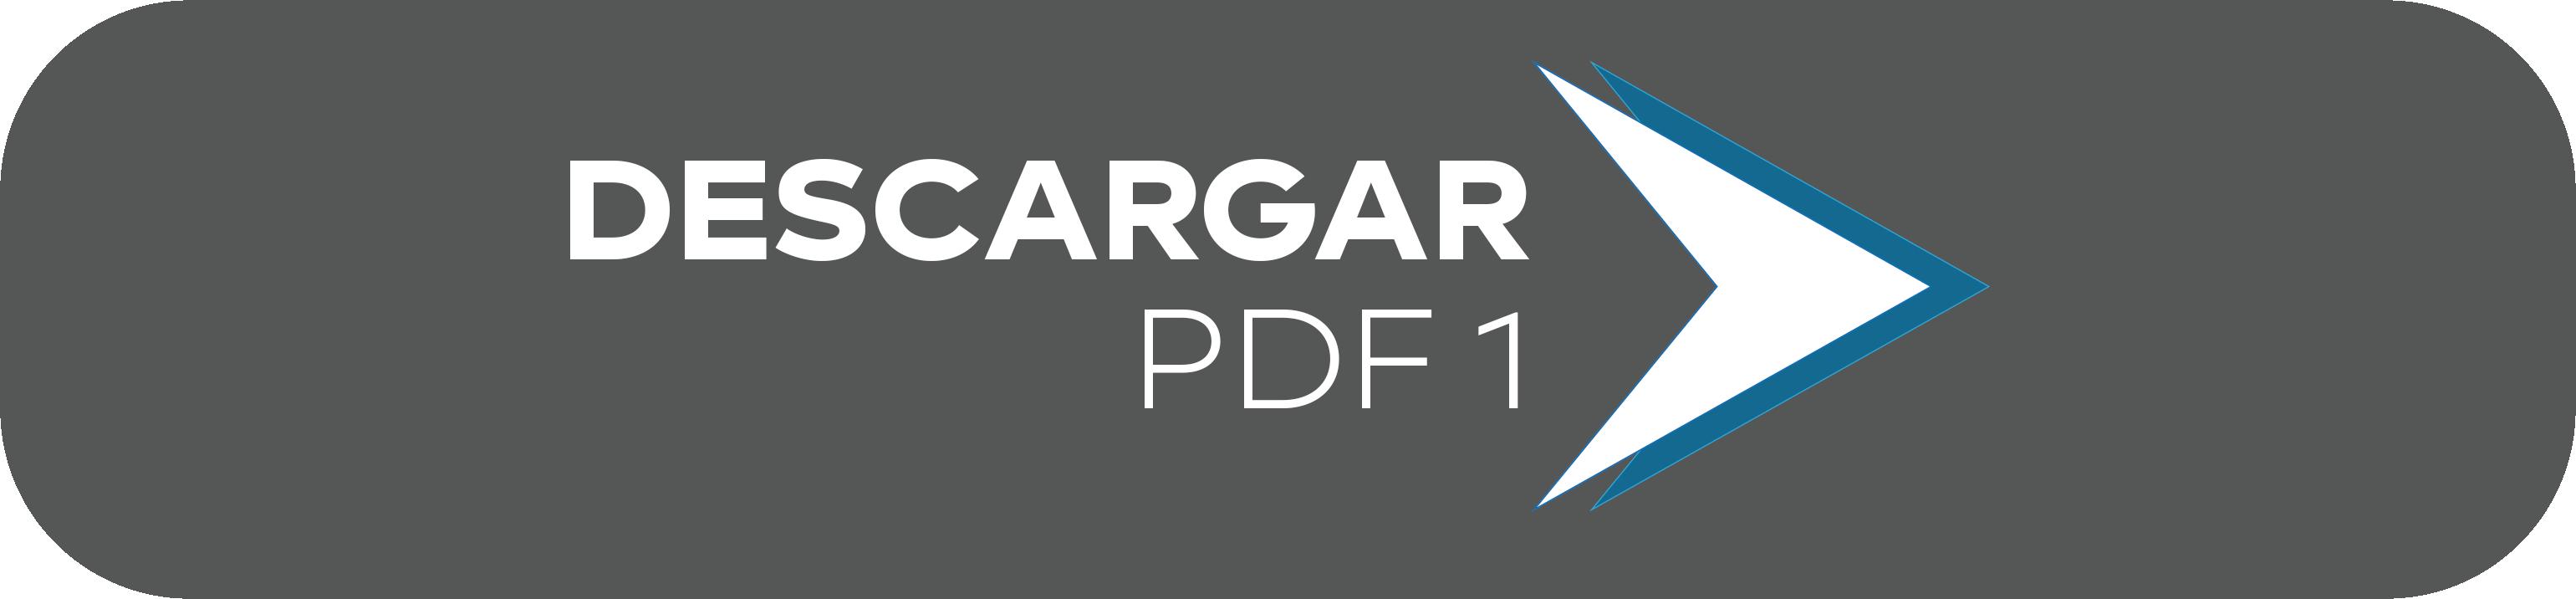 Descargar-PDF-1